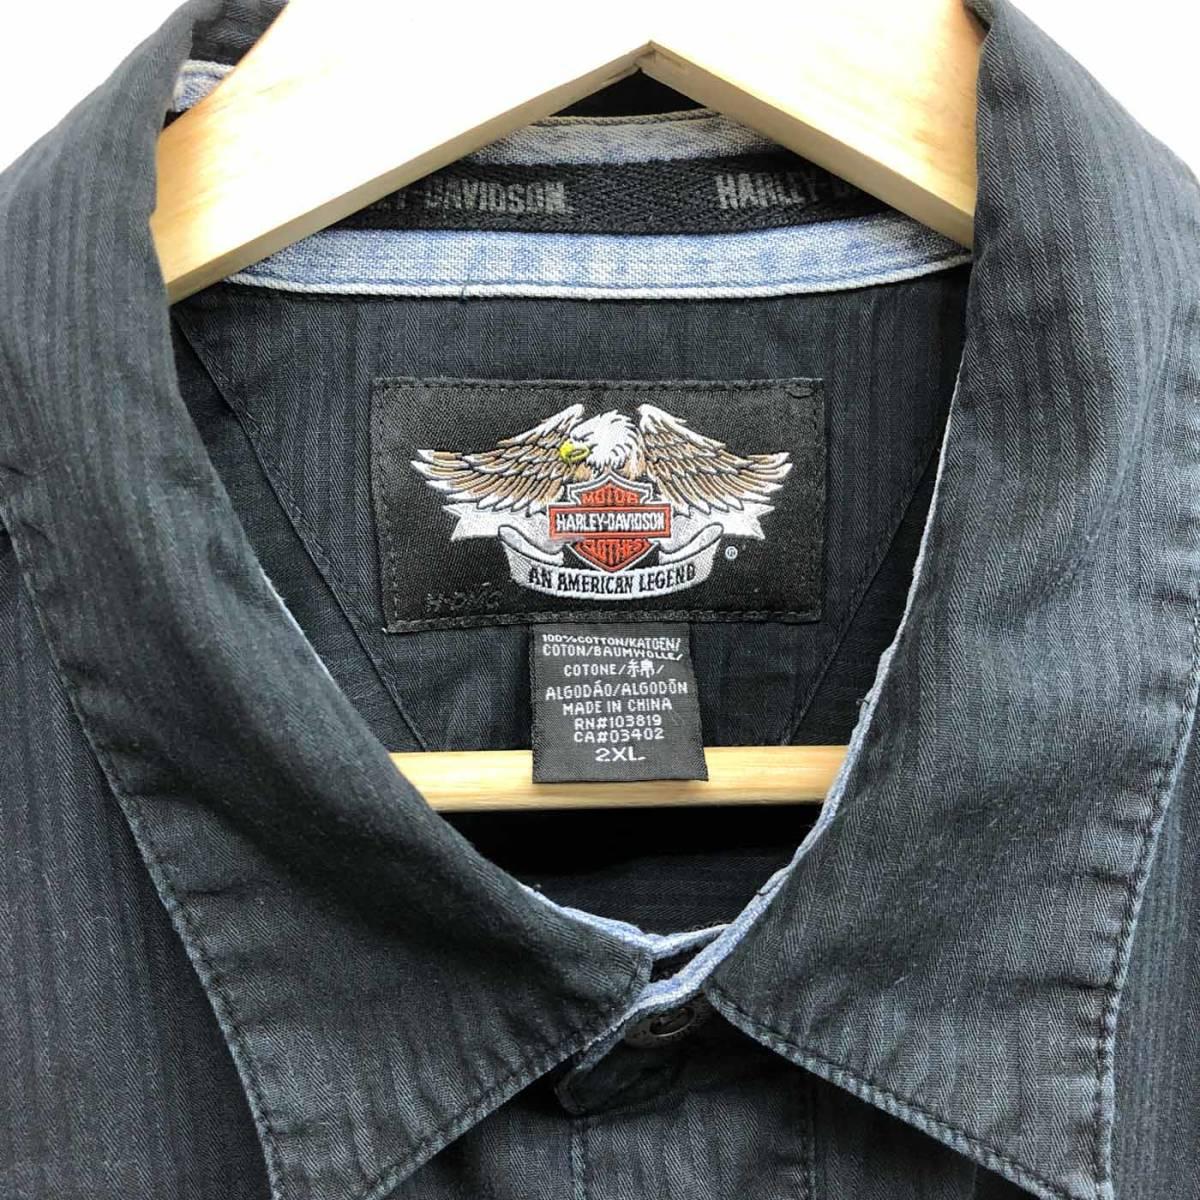 ハーレーダビッドソン Harley Davidson 古着 長袖シャツ ワーカーシャツ メンズ 2XLサイズ 9-76_画像5